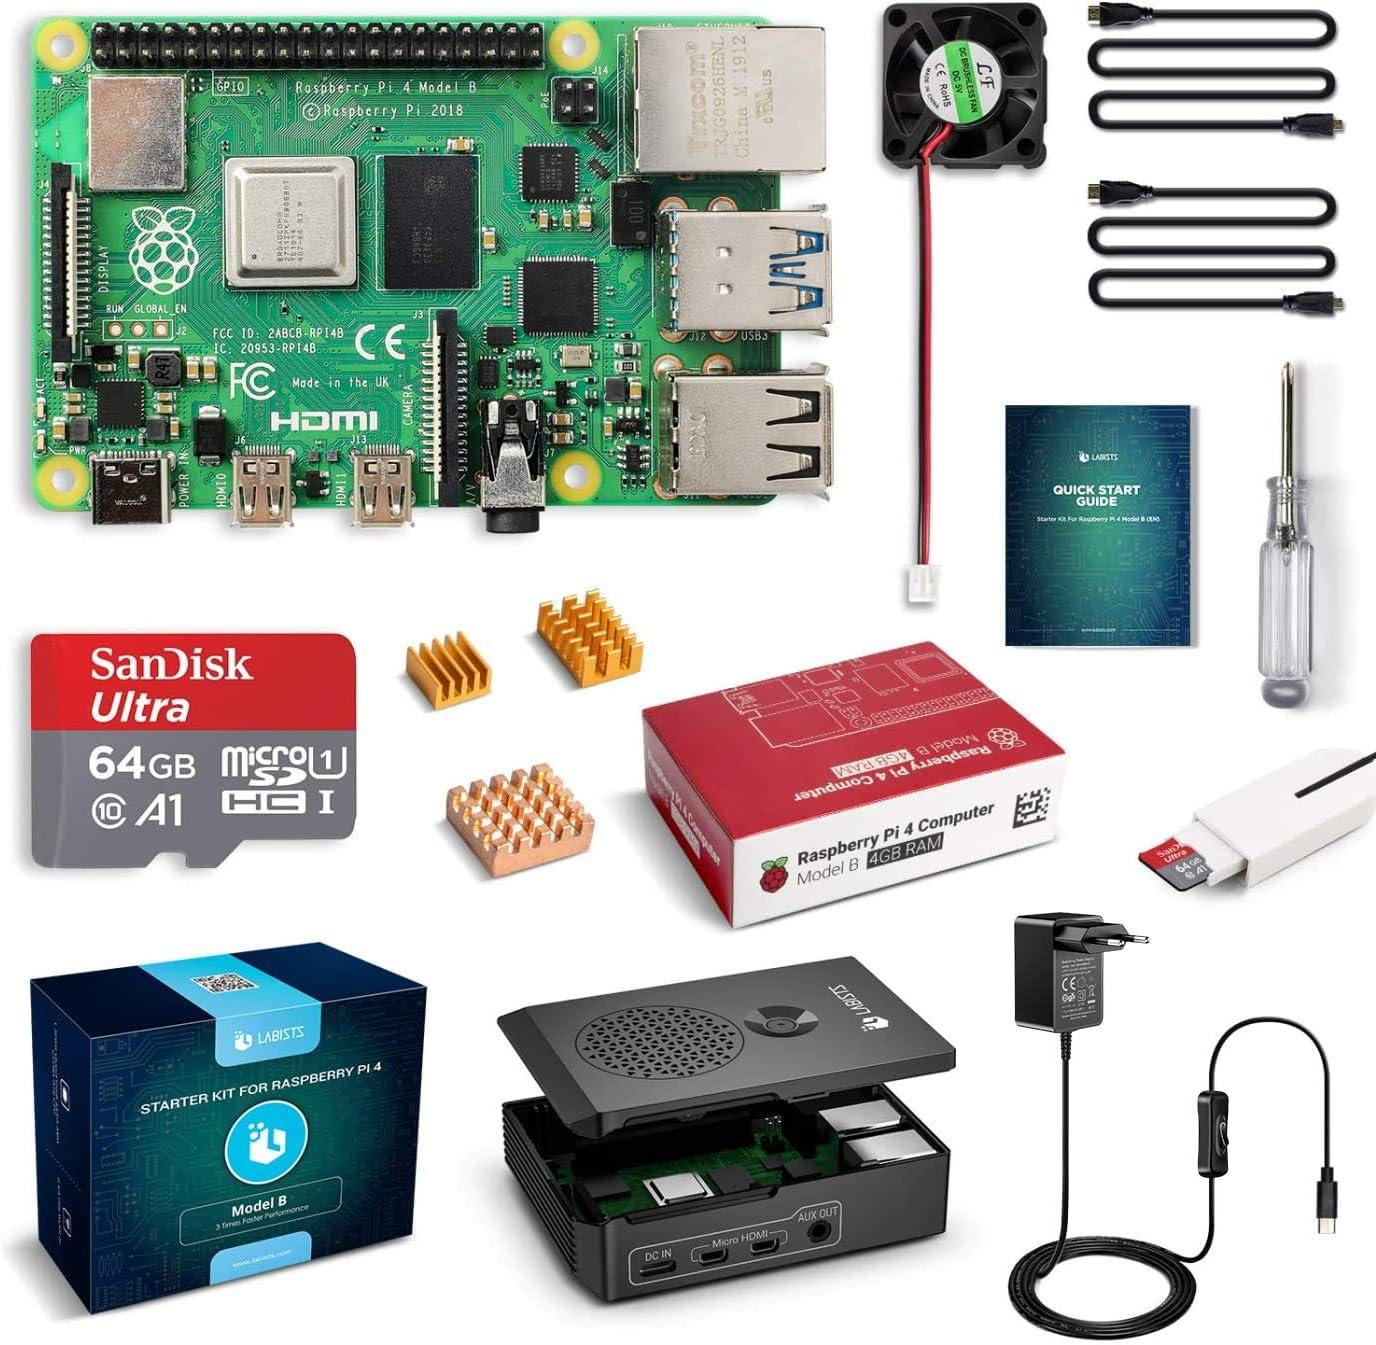 LABISTS Raspberry Pi 4 Modèle B (4 B) 4Go Kit avec 64 Go Carte Micro SD Classe 10, Boîtier Noir...